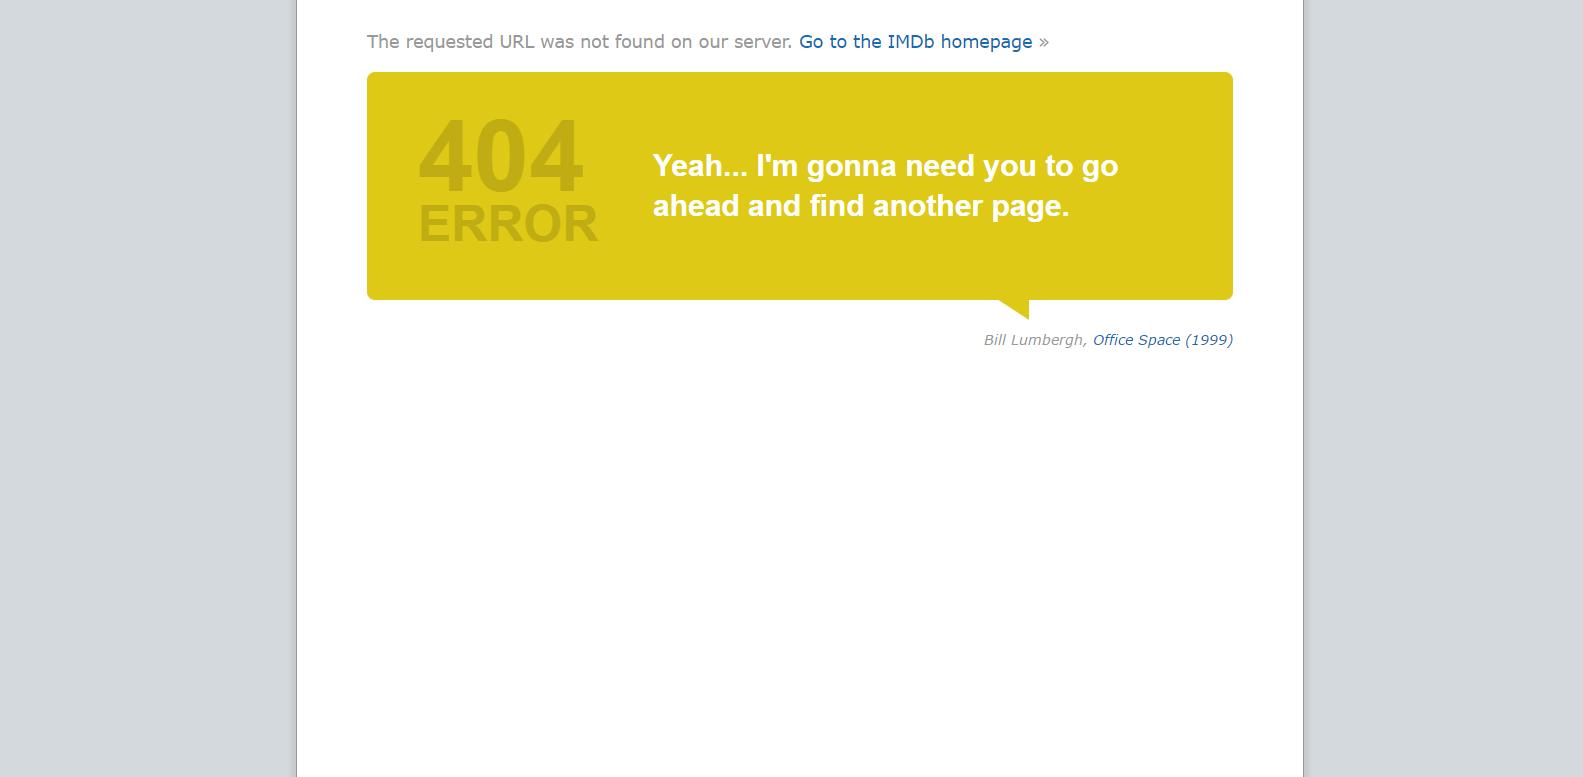 IMDB's 404 page